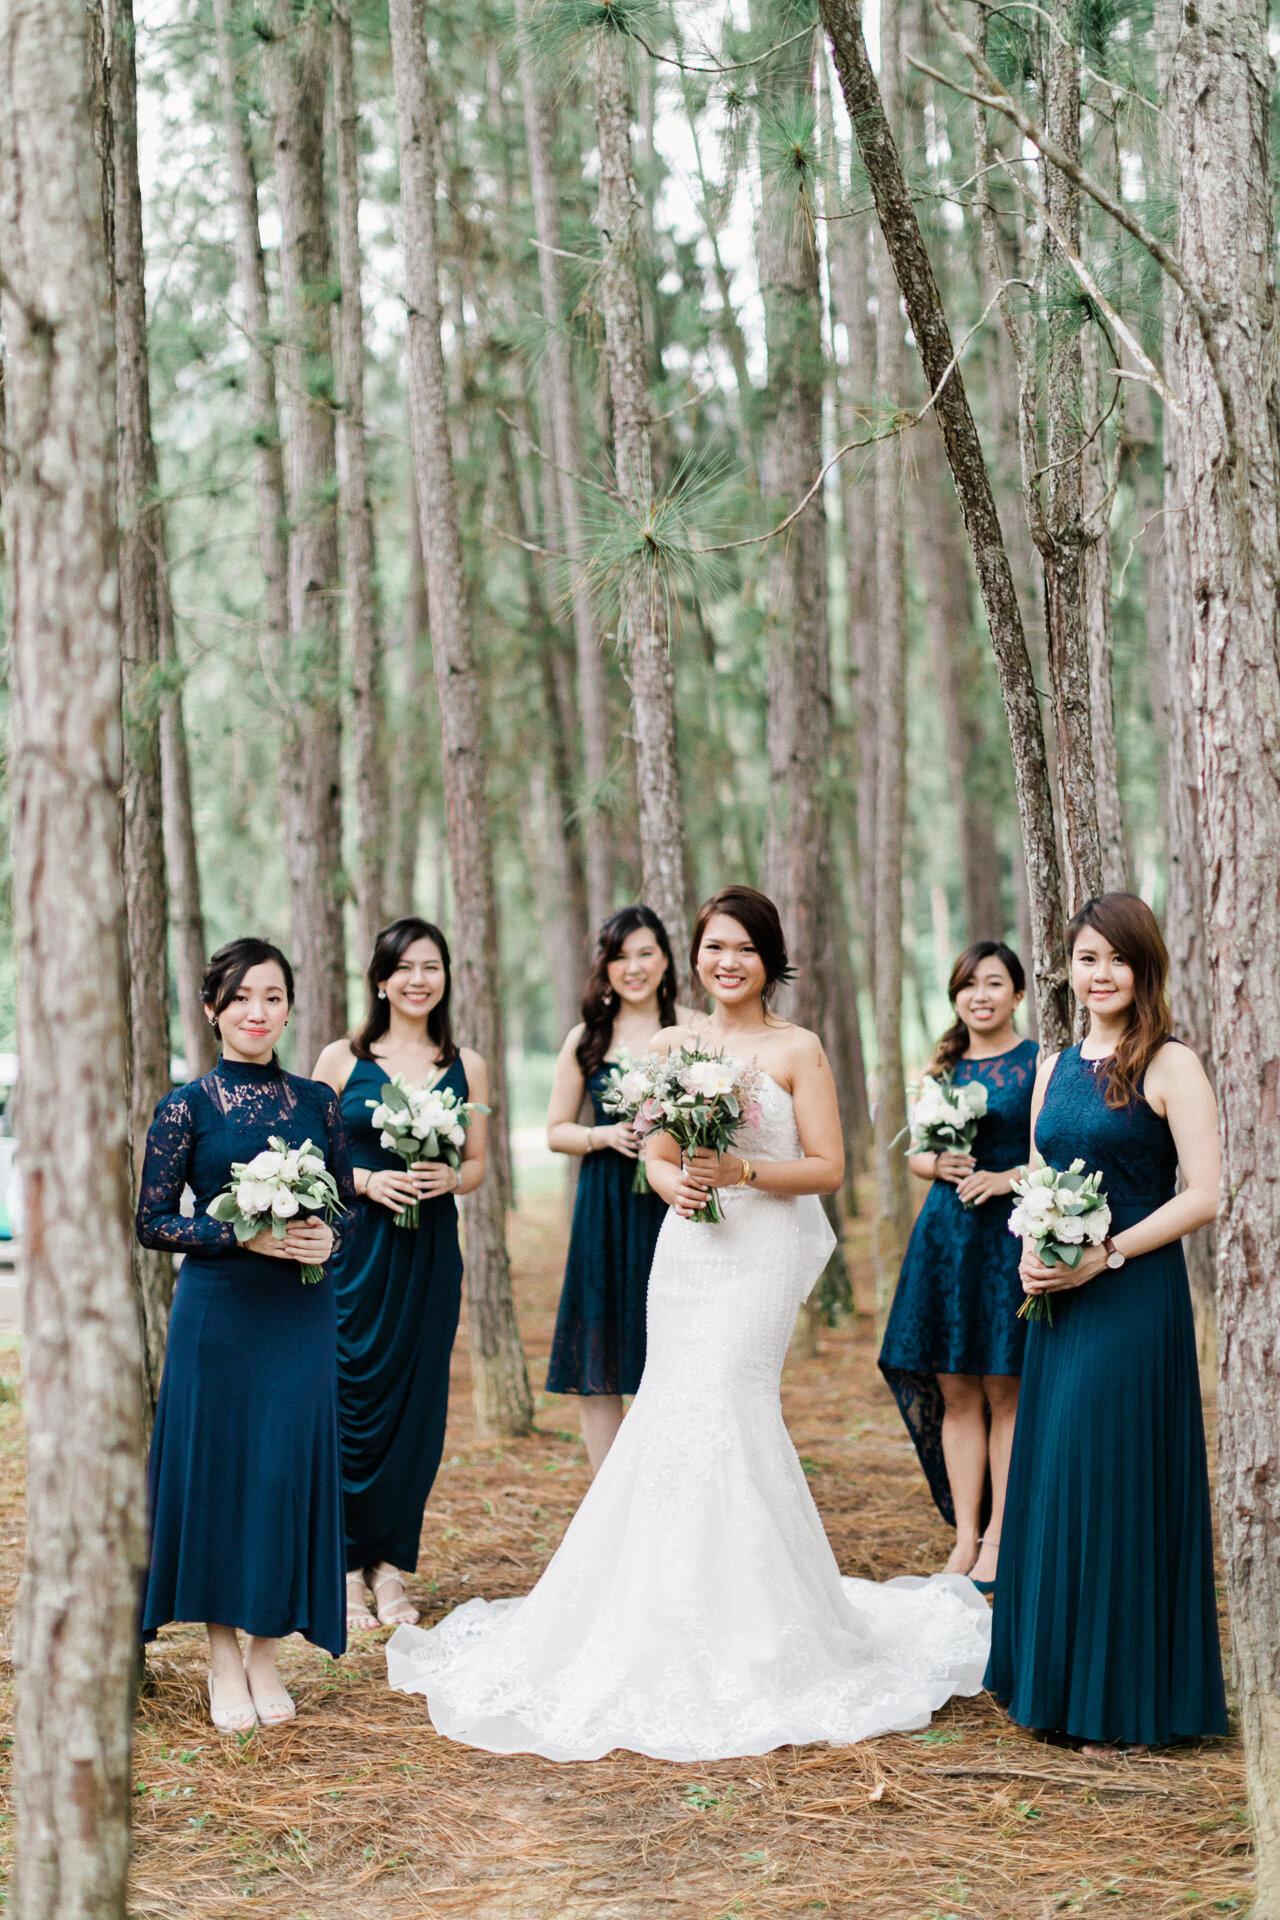 CHRIS & JANET - Garden Wedding at Tanarimba, Janda Baik